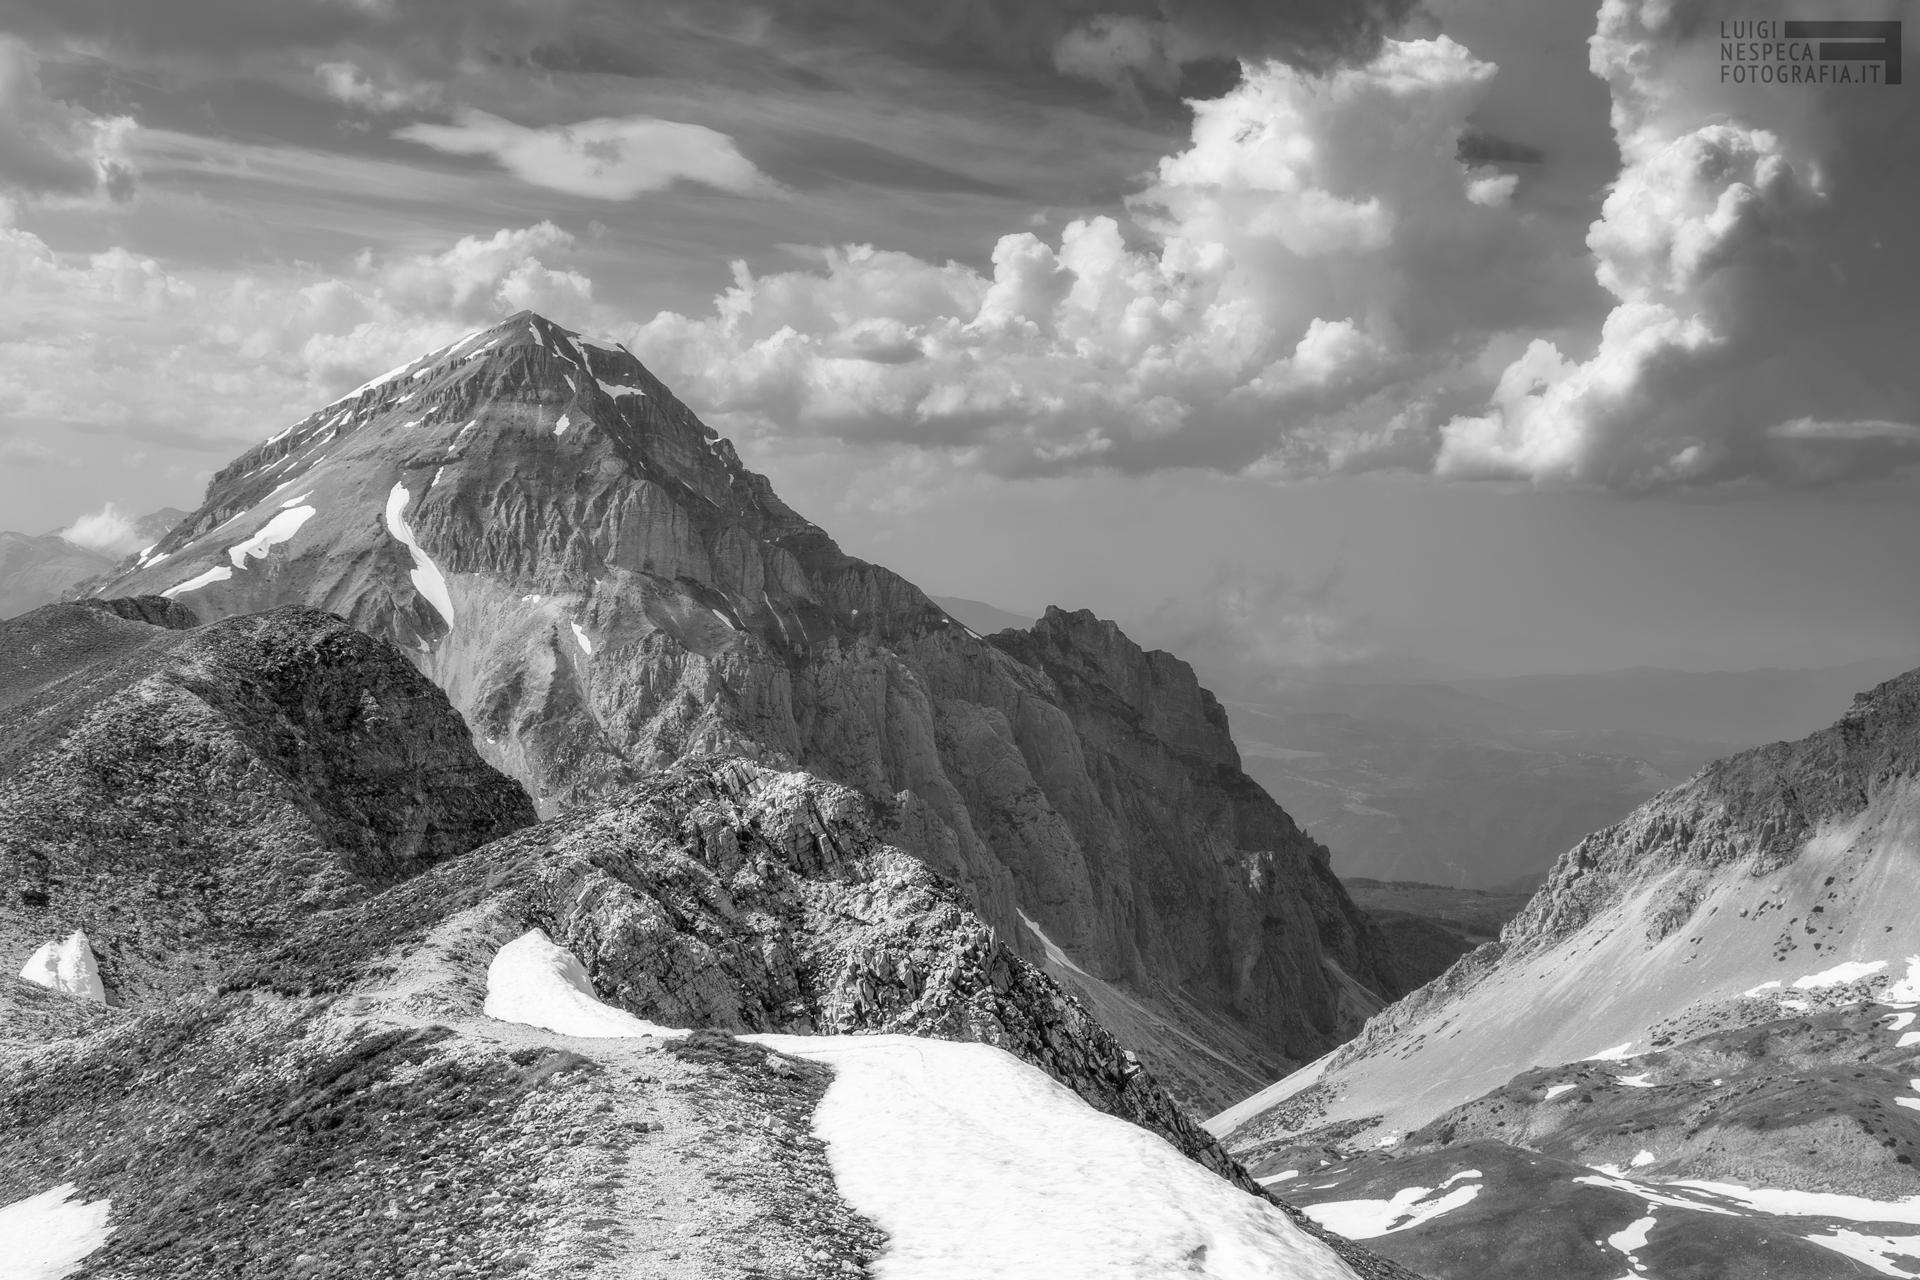 26 - Tarda Primavera : Pizzo d'Intermesoli e cresta Ovest del Monte Portella